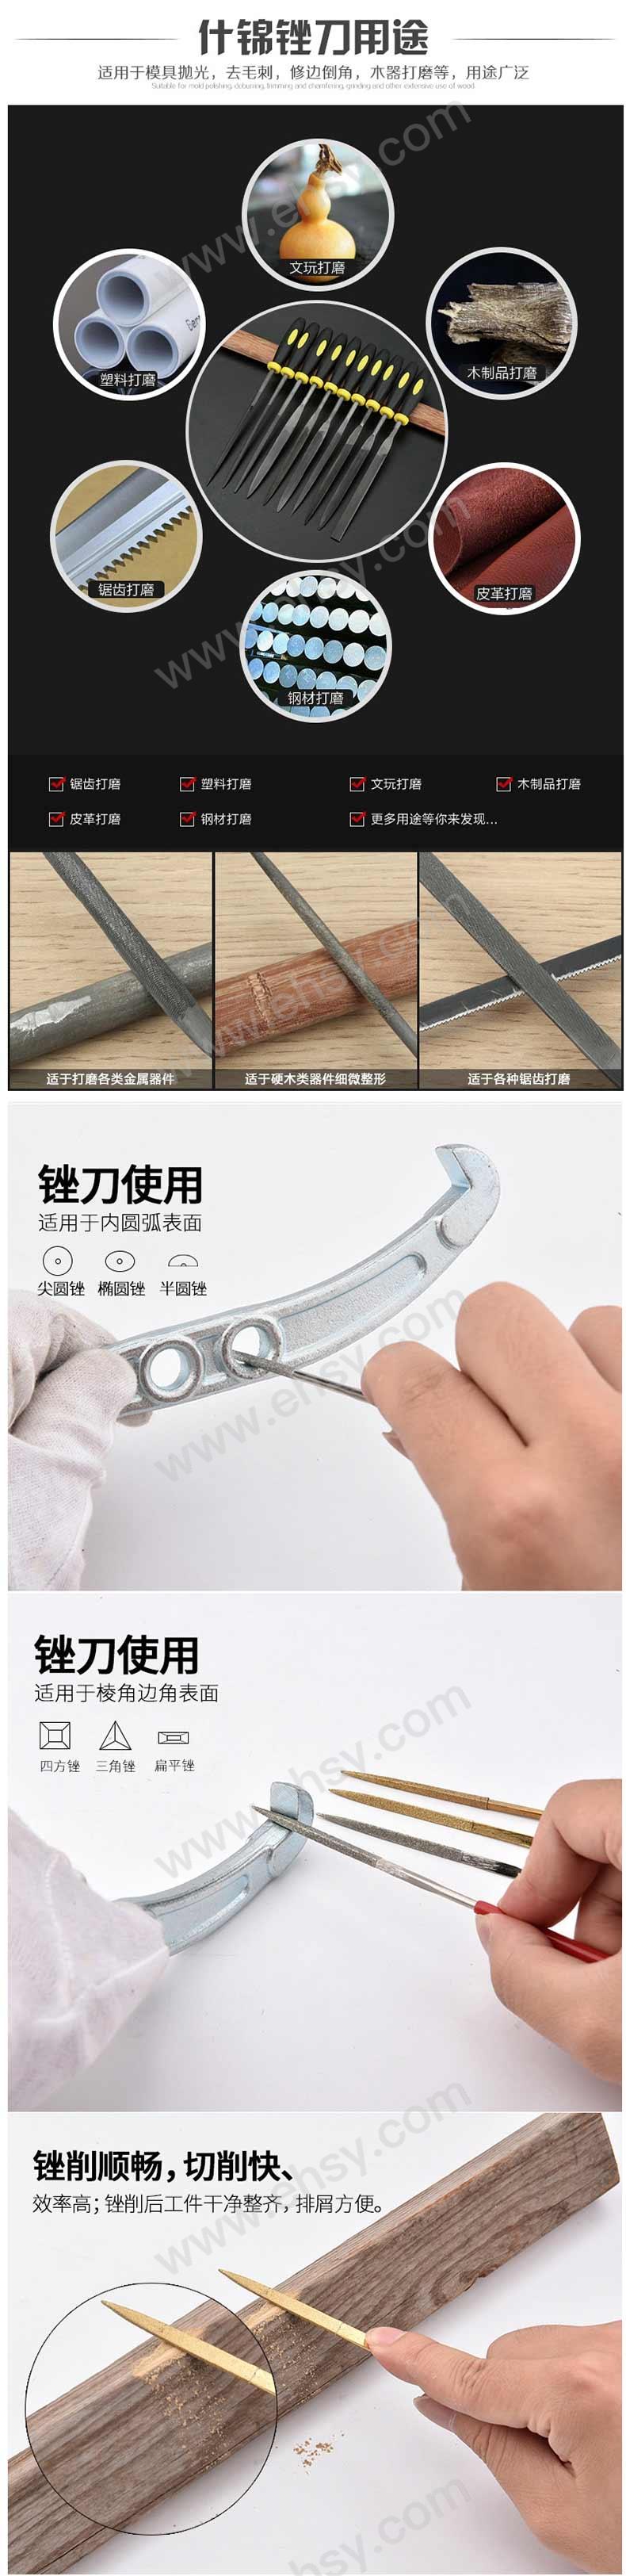 锉刀应用.jpg